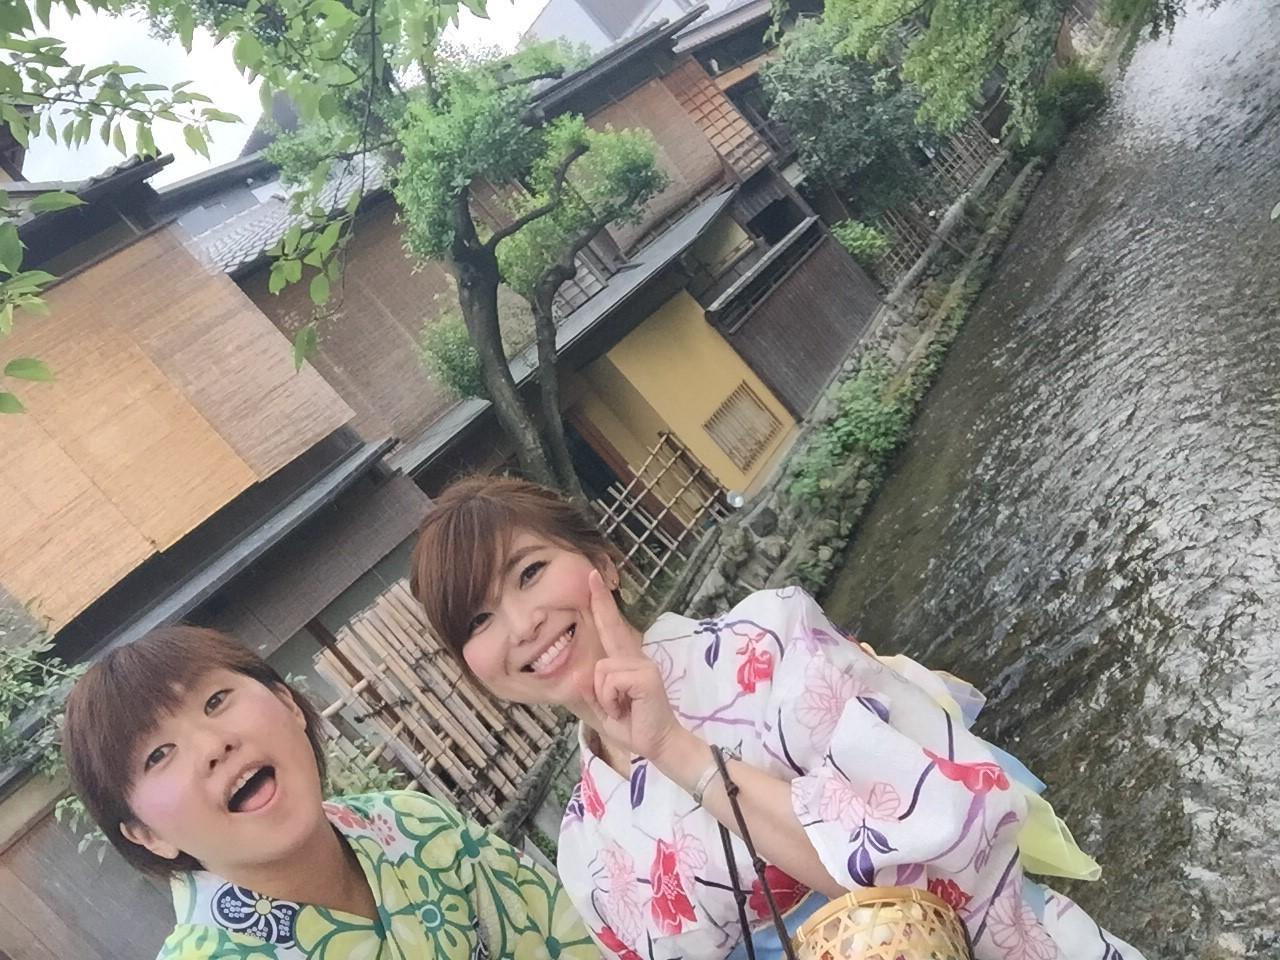 自転車の 子供 自転車 レンタル 京都 : ... 自転車を止めてまで撮って